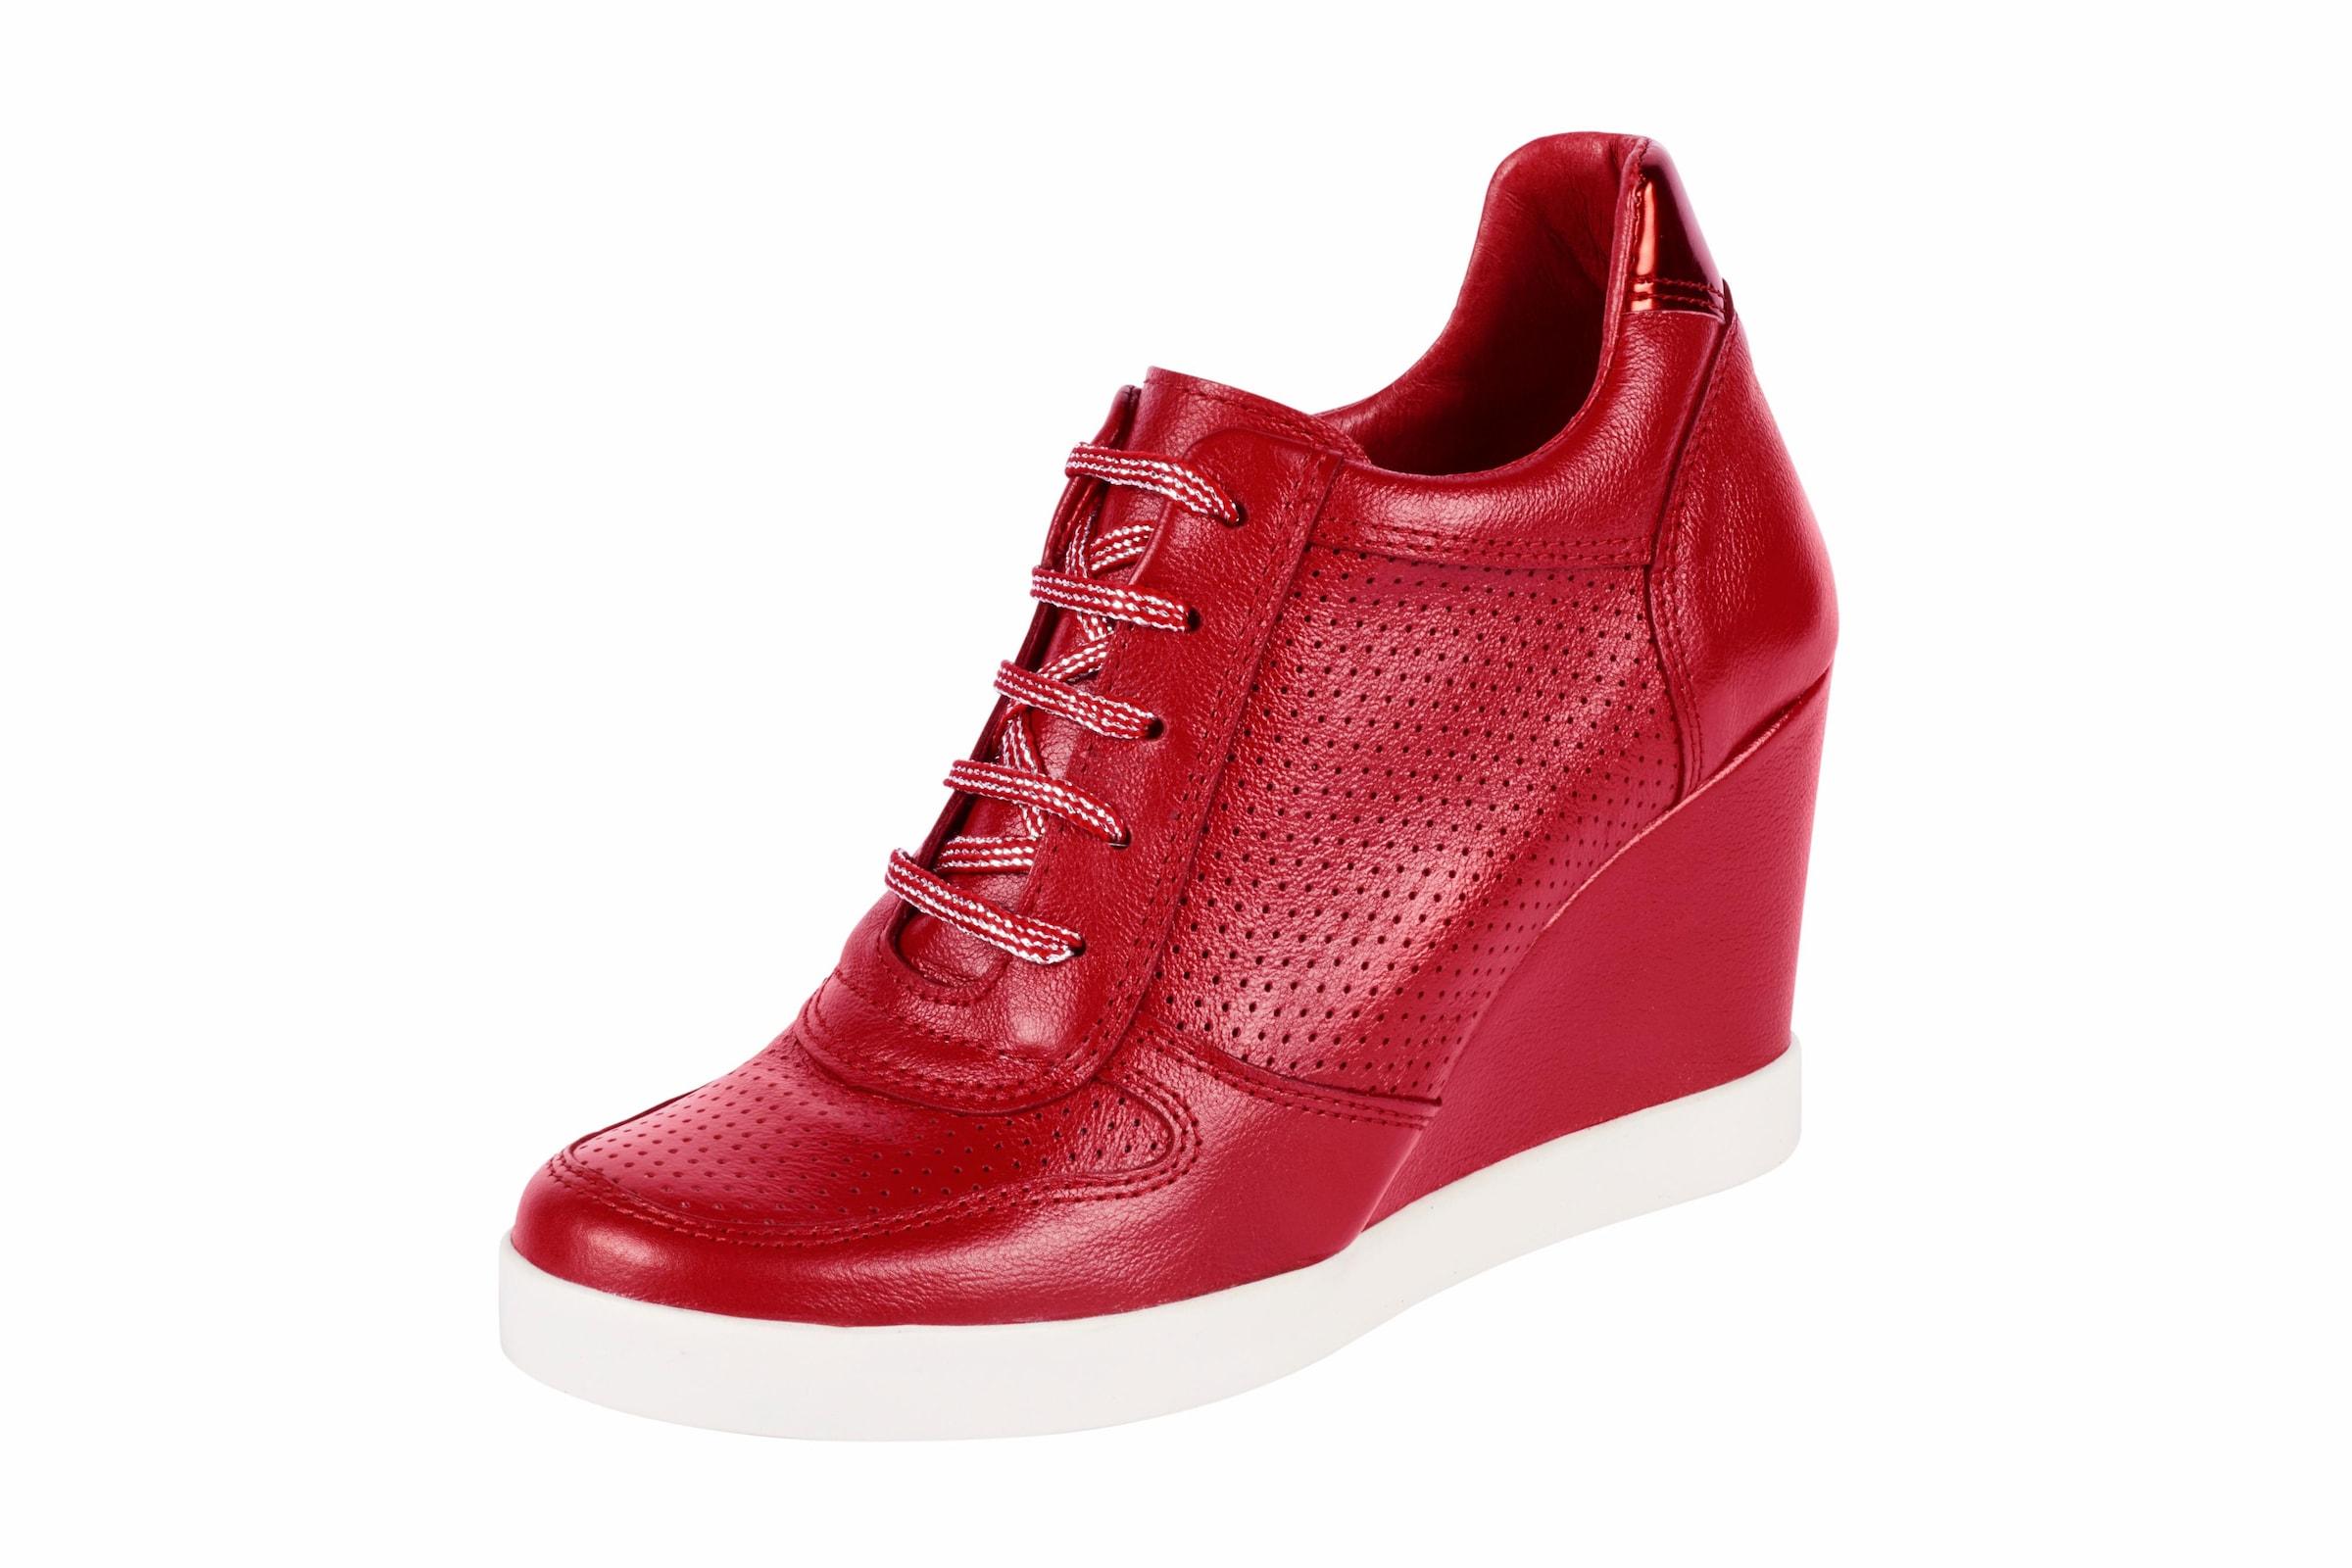 heine Keilsneaker mit Perforation Verschleißfeste billige Schuhe